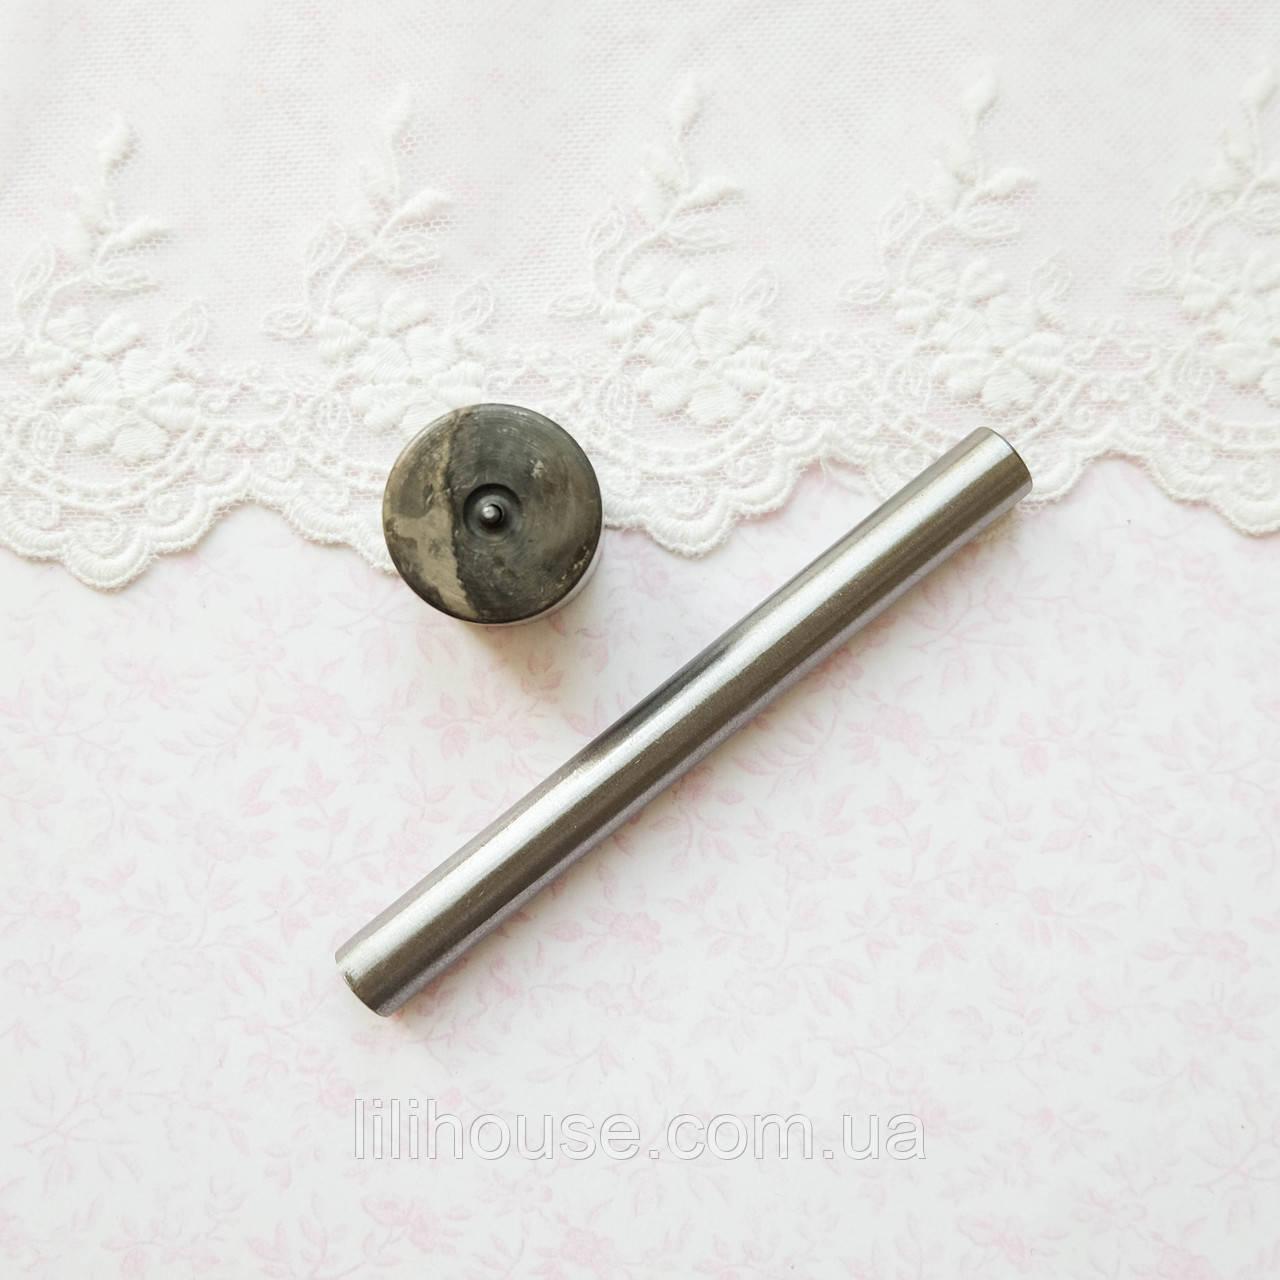 Инструмент для Установки Люверсов с Платформой Ø 2.5 мм